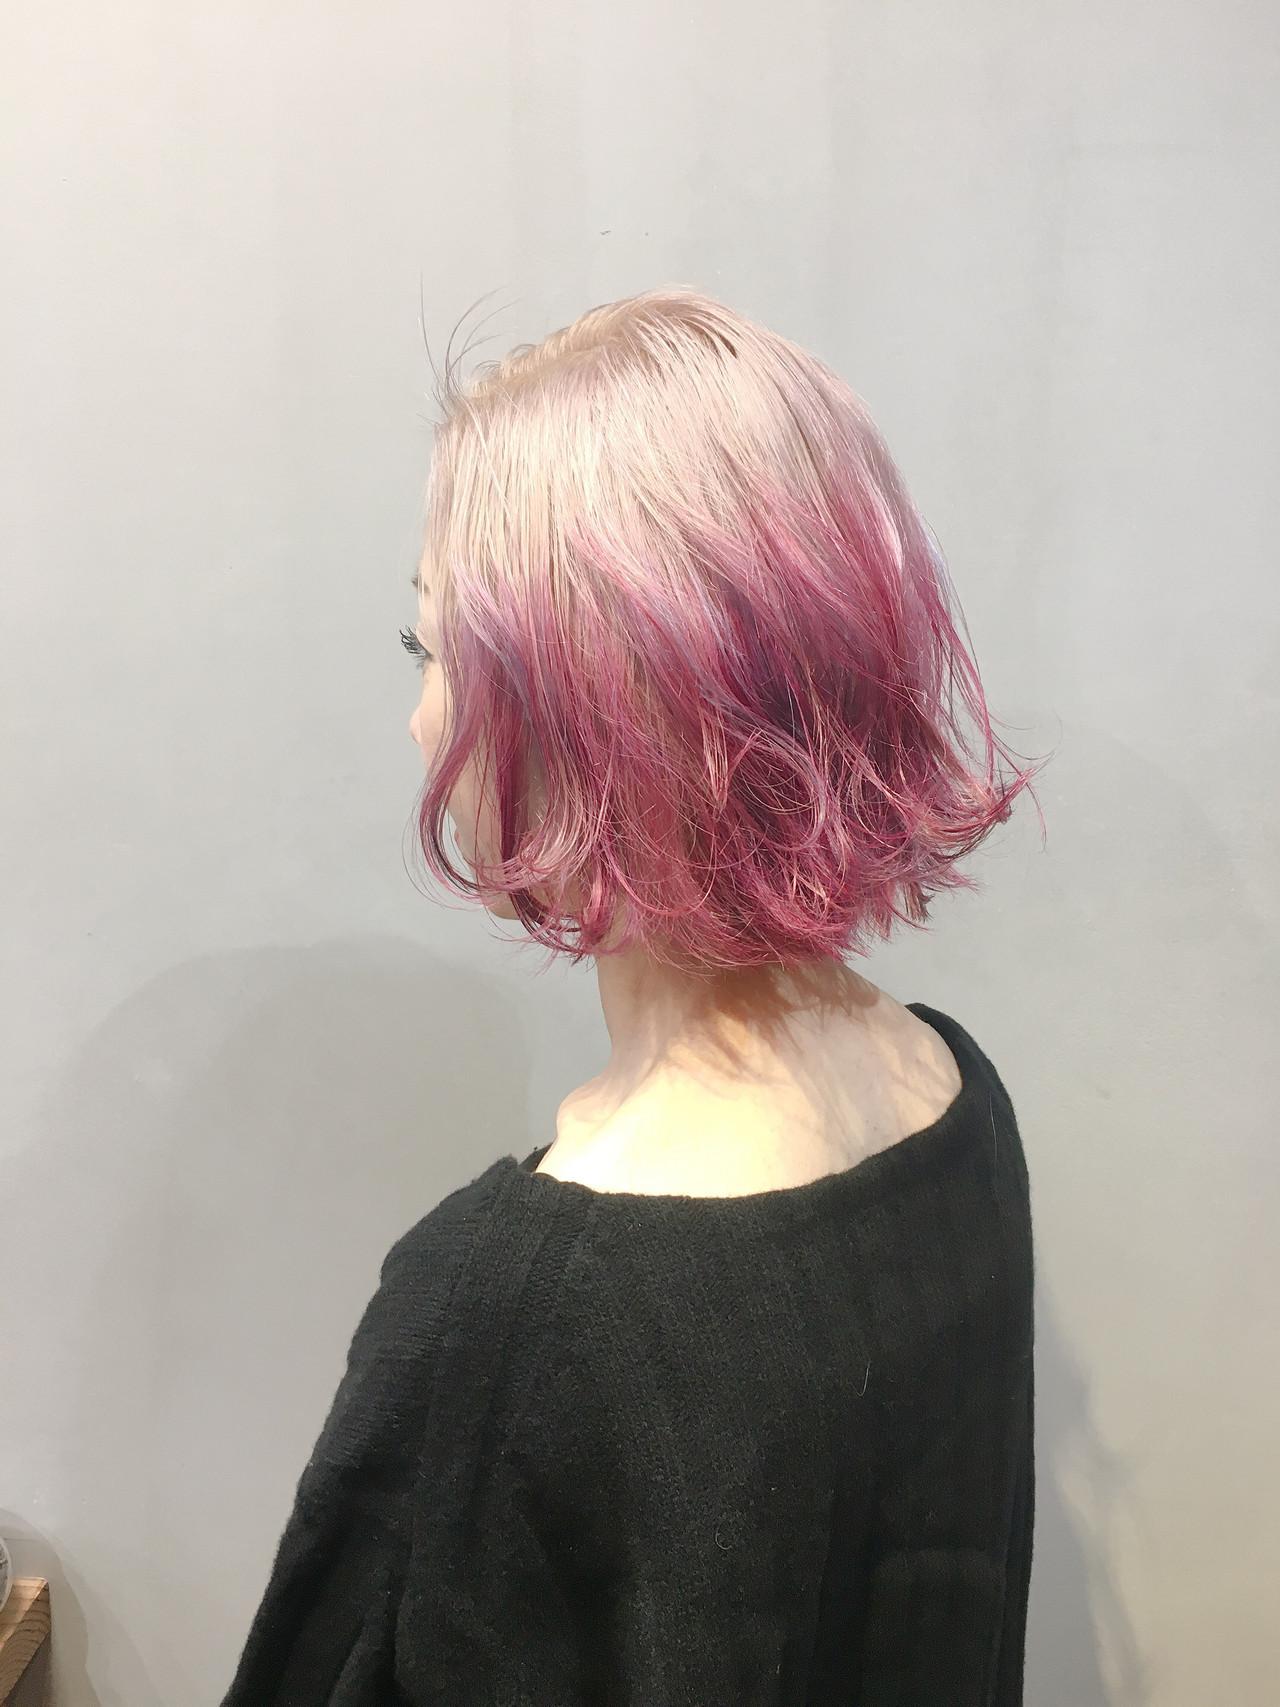 ラベンダーピンク ミルクティーベージュ ショートボブ ベリーピンク ヘアスタイルや髪型の写真・画像